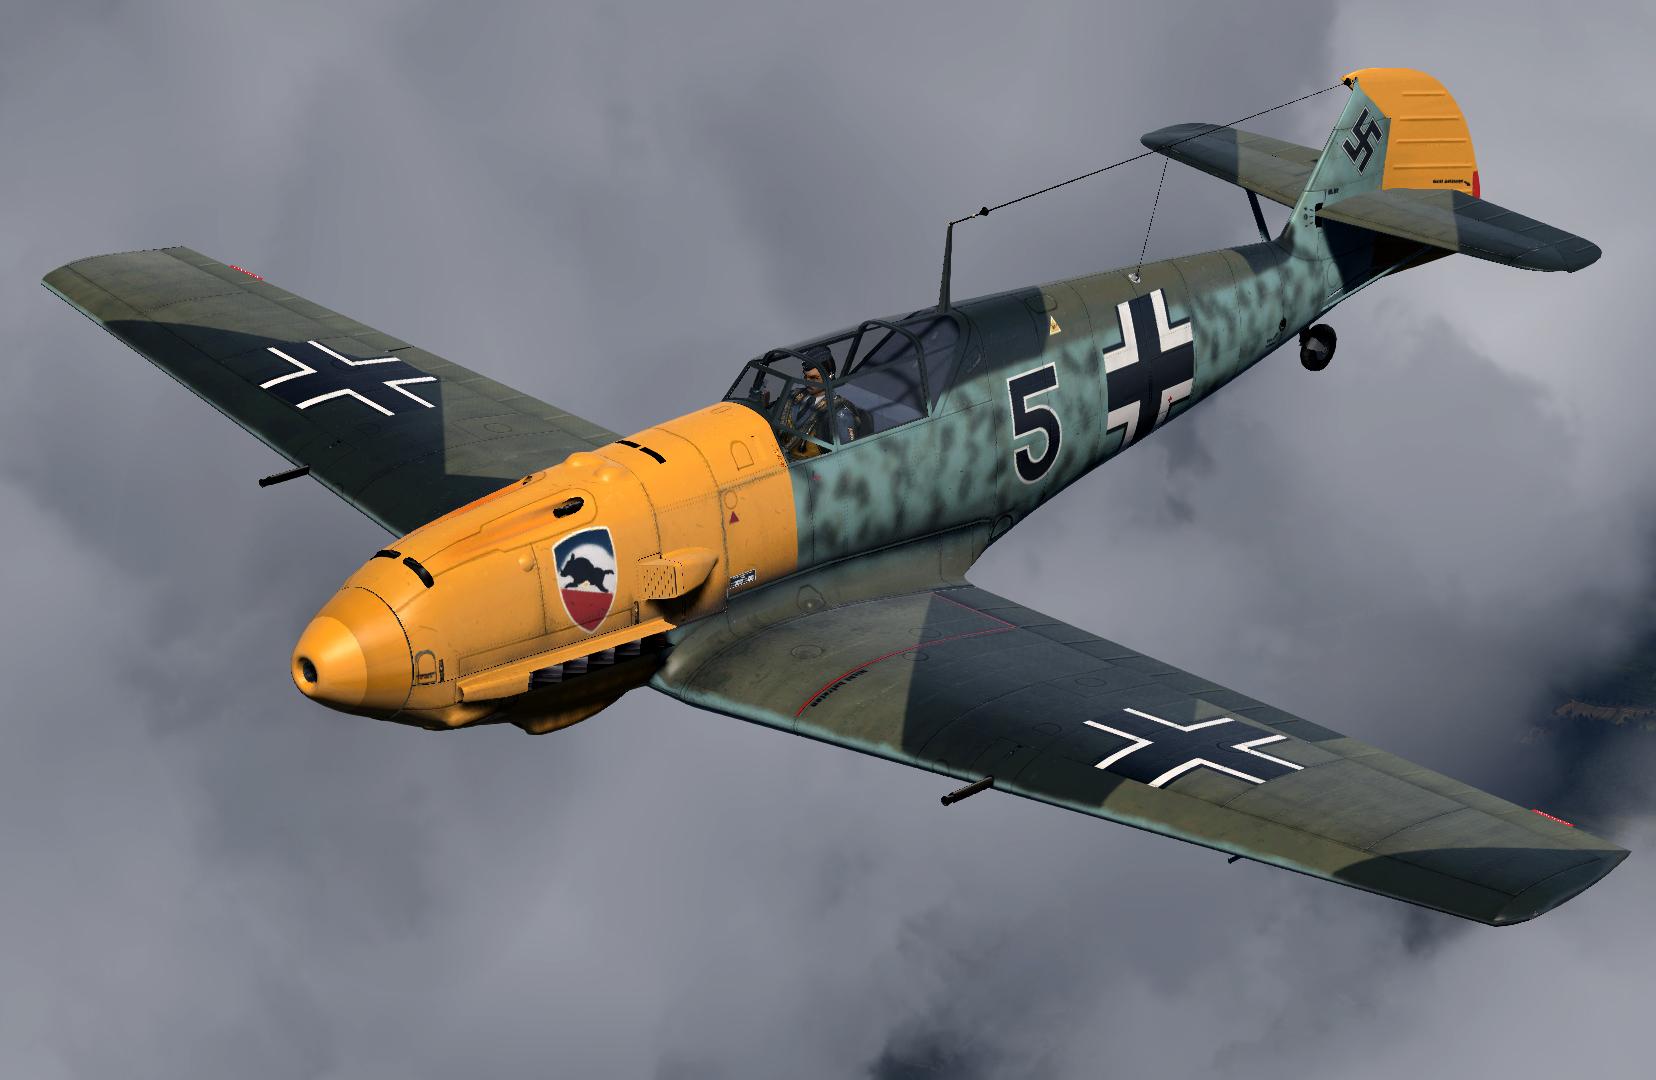 COD CF Bf 109E3 1.JG52 Black 5 Helmut Bennemann France 1940 V02